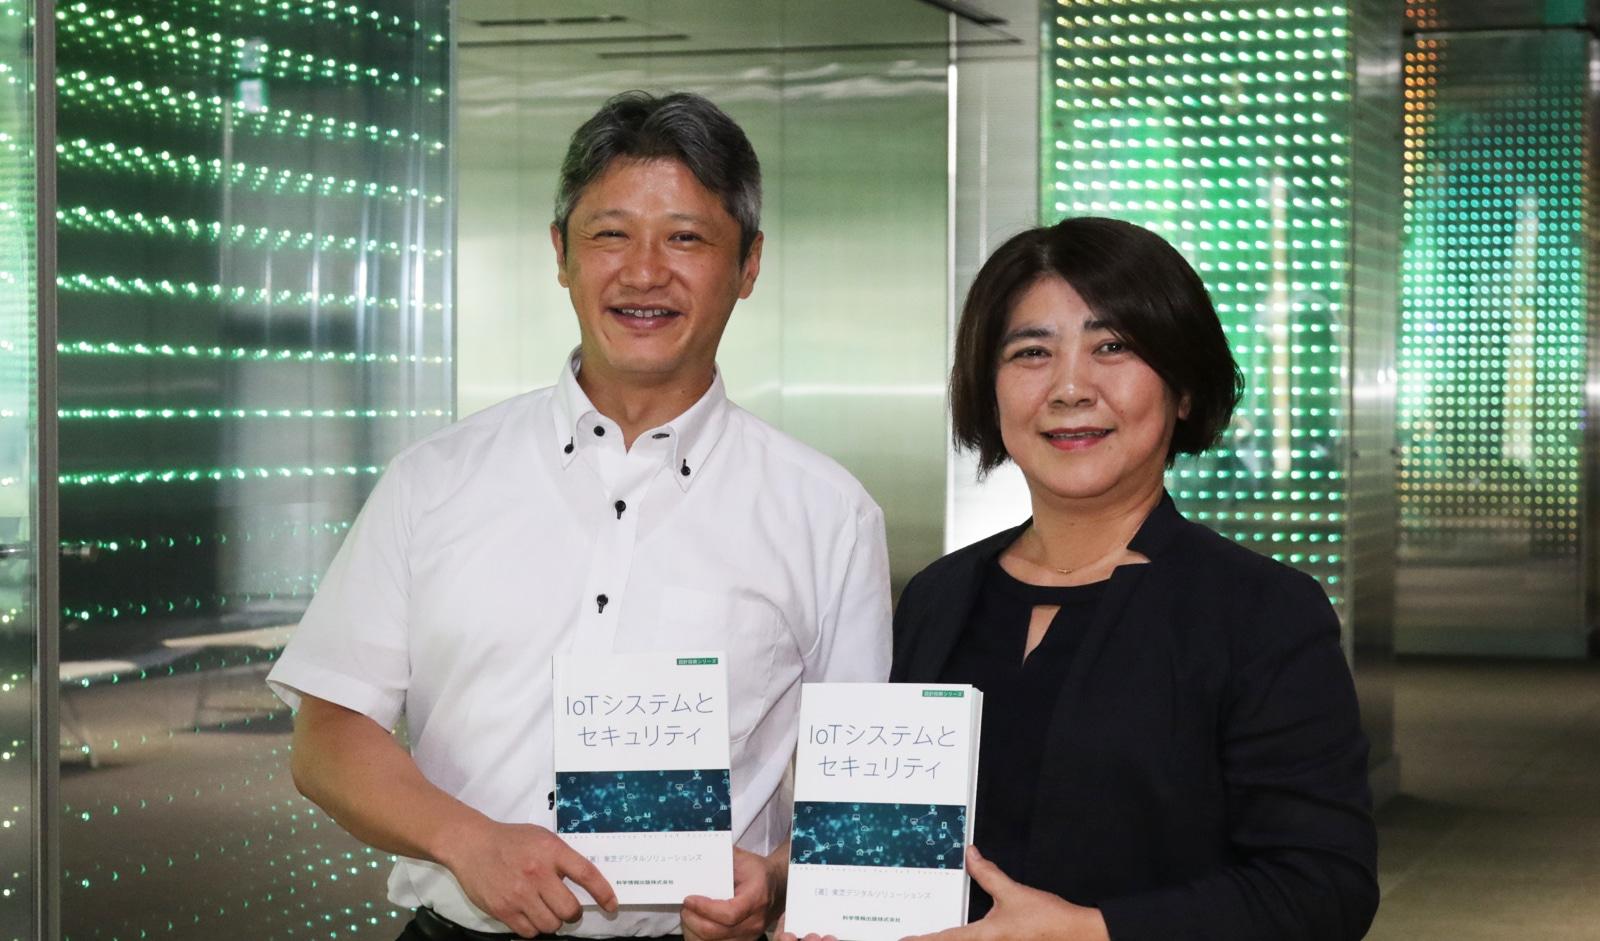 書籍「IoTシステムとセキュリティ」(科学情報出版)を手に持つ、株式会社 東芝 岡田 光司氏(左)と斯波 万恵氏(右)